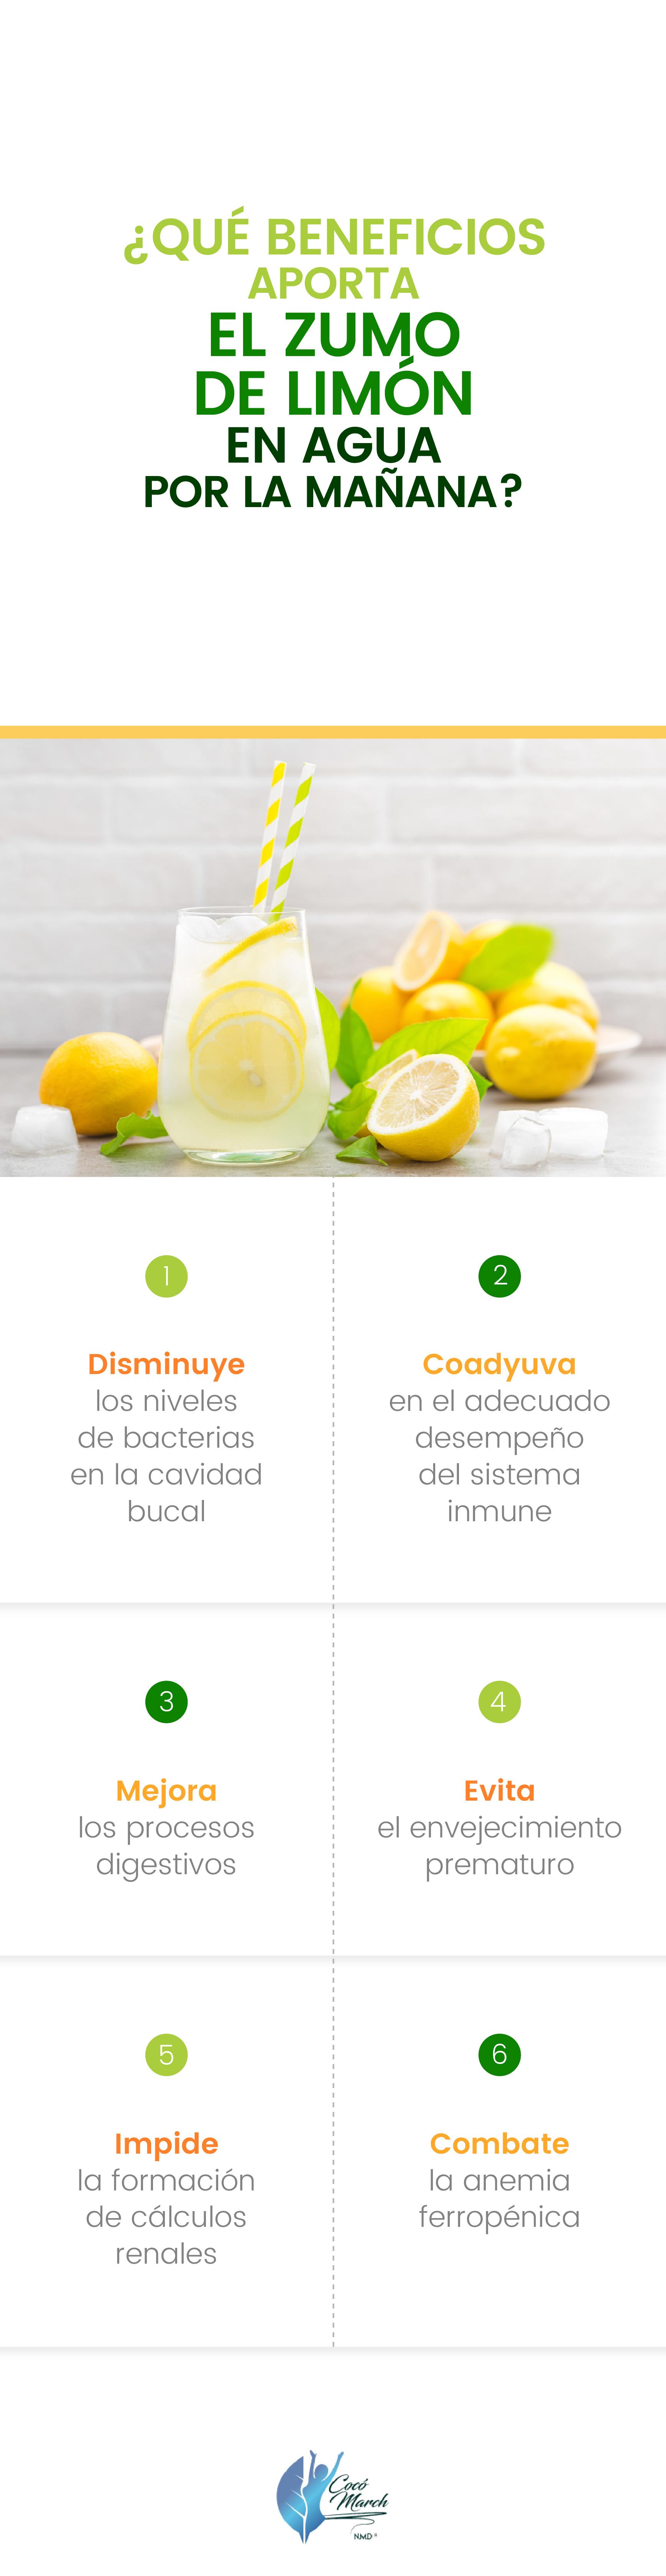 que-beneficios-aporta-el-zumo-de-limon-en-agua-por-las-mañanas